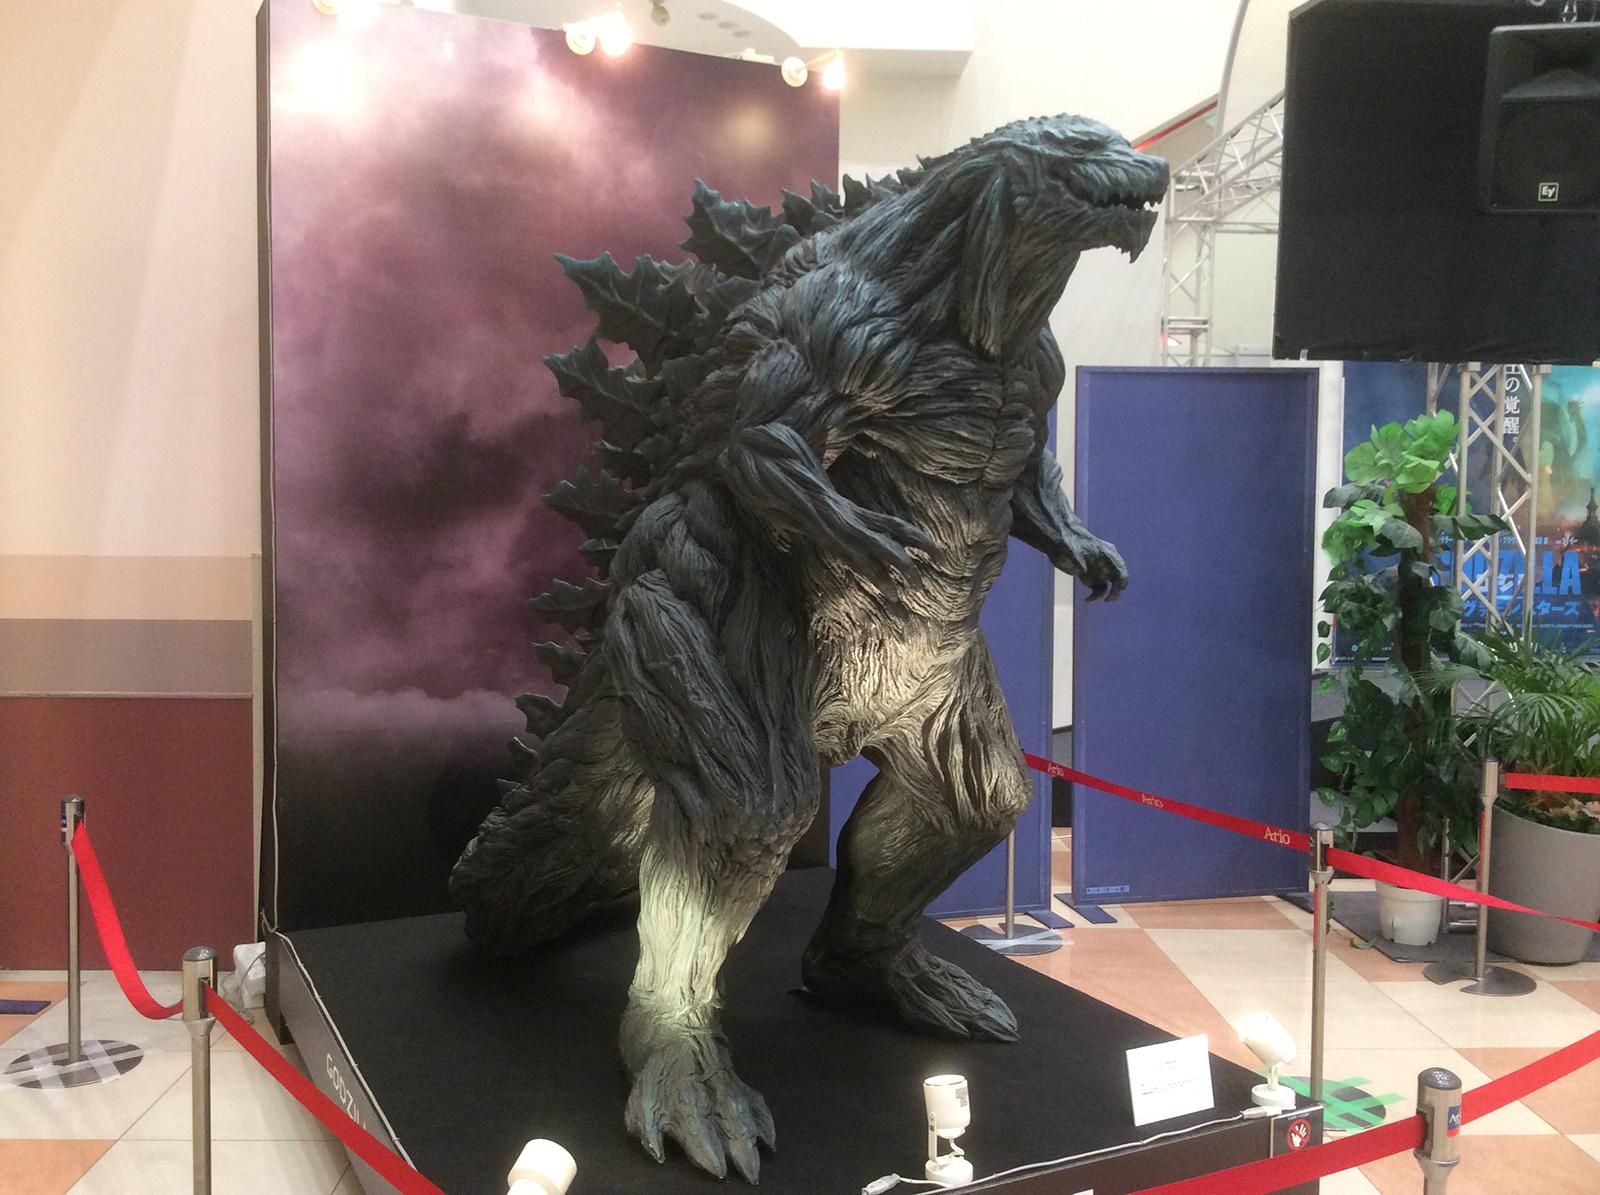 Godzilla Store: Godzilla Anime